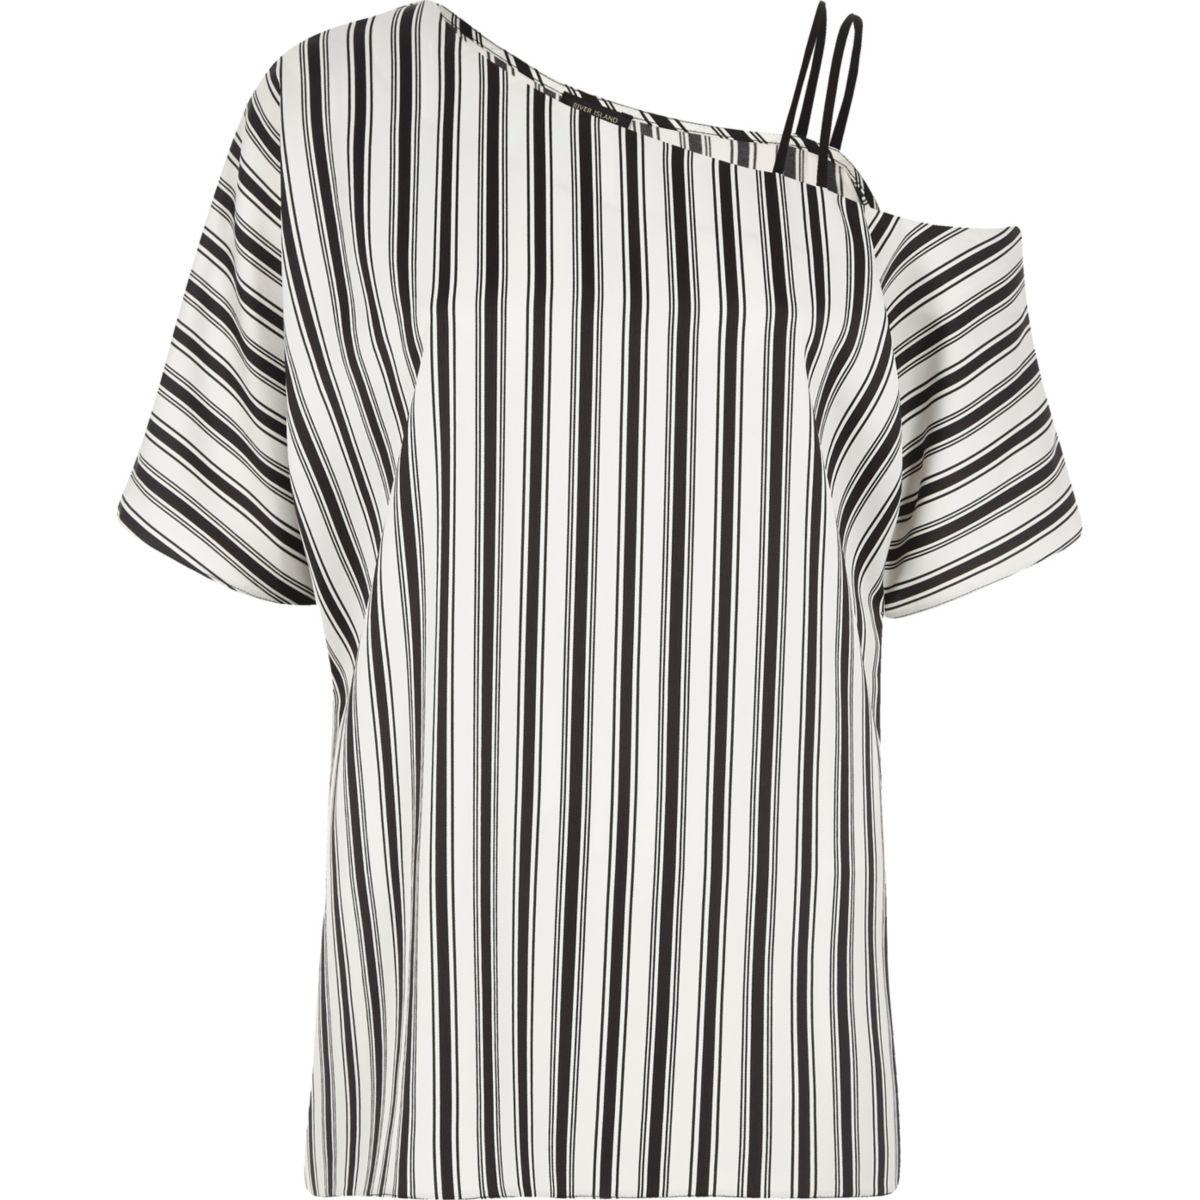 Black stripe print one cold shoulder top